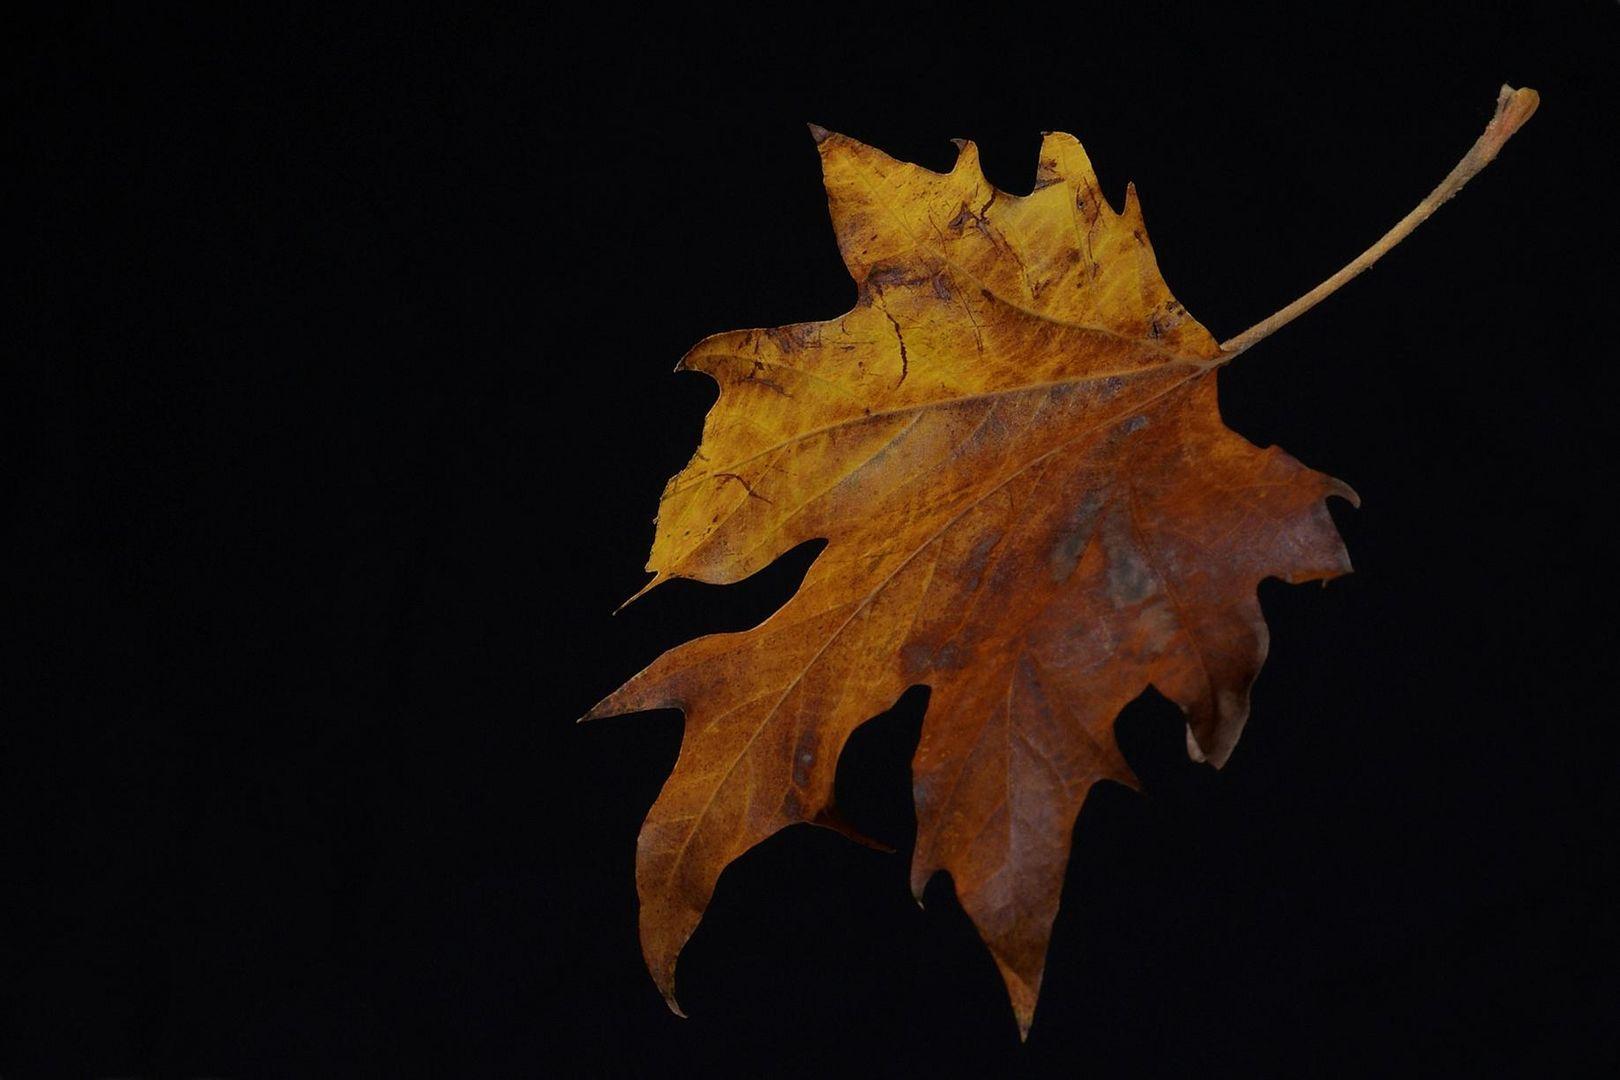 ¡El otoño llega a su fin!